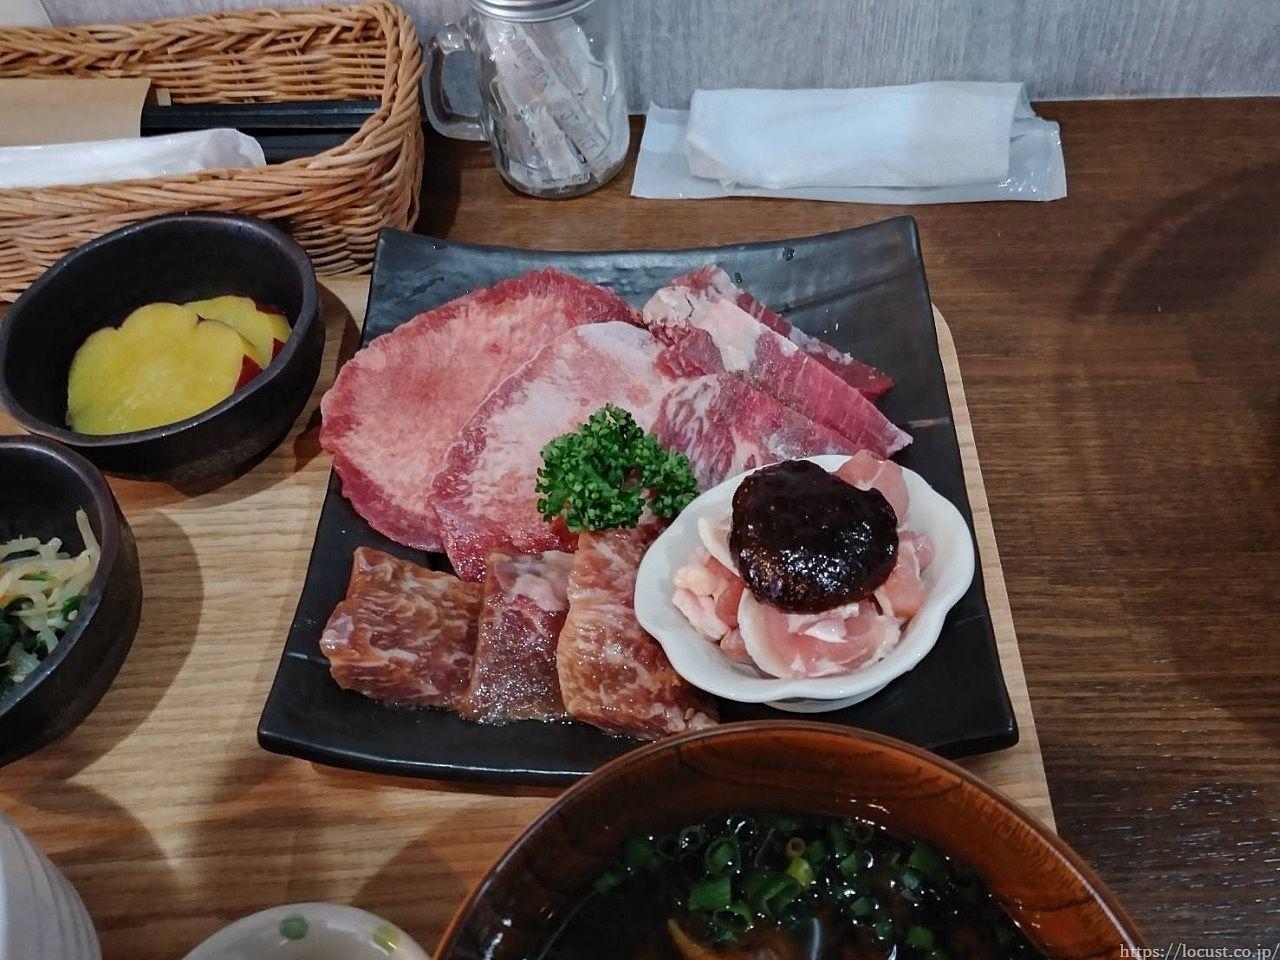 東浦町森岡 旨焼肉一(いち)の焼肉ランチ1000円(税別)は、ご飯おかわり無料!